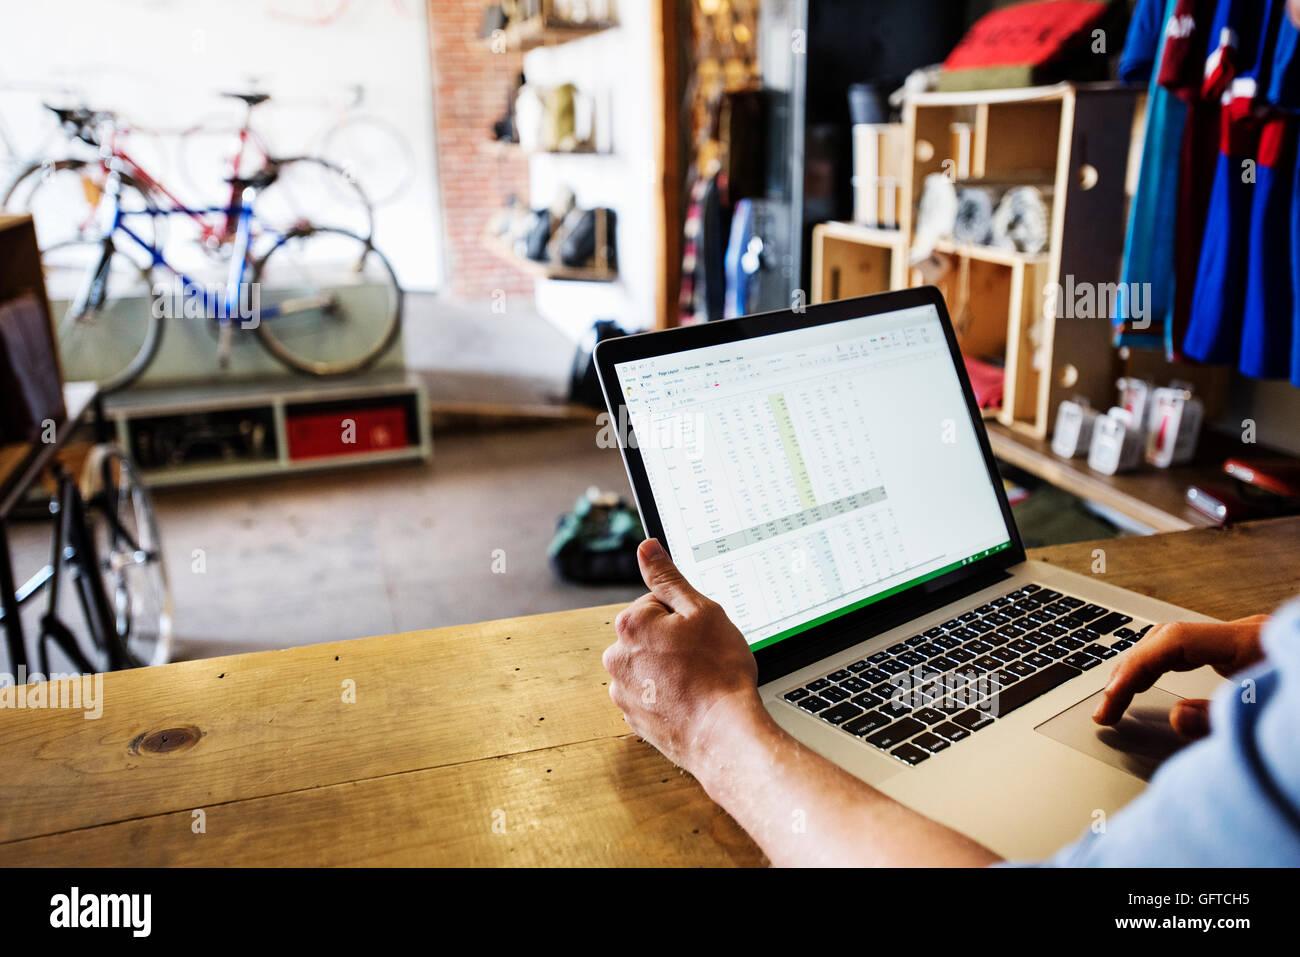 Ein Mann in eine Fahrradwerkstatt mit einem Laptop-Computer, die Führung eines Unternehmens Stockbild